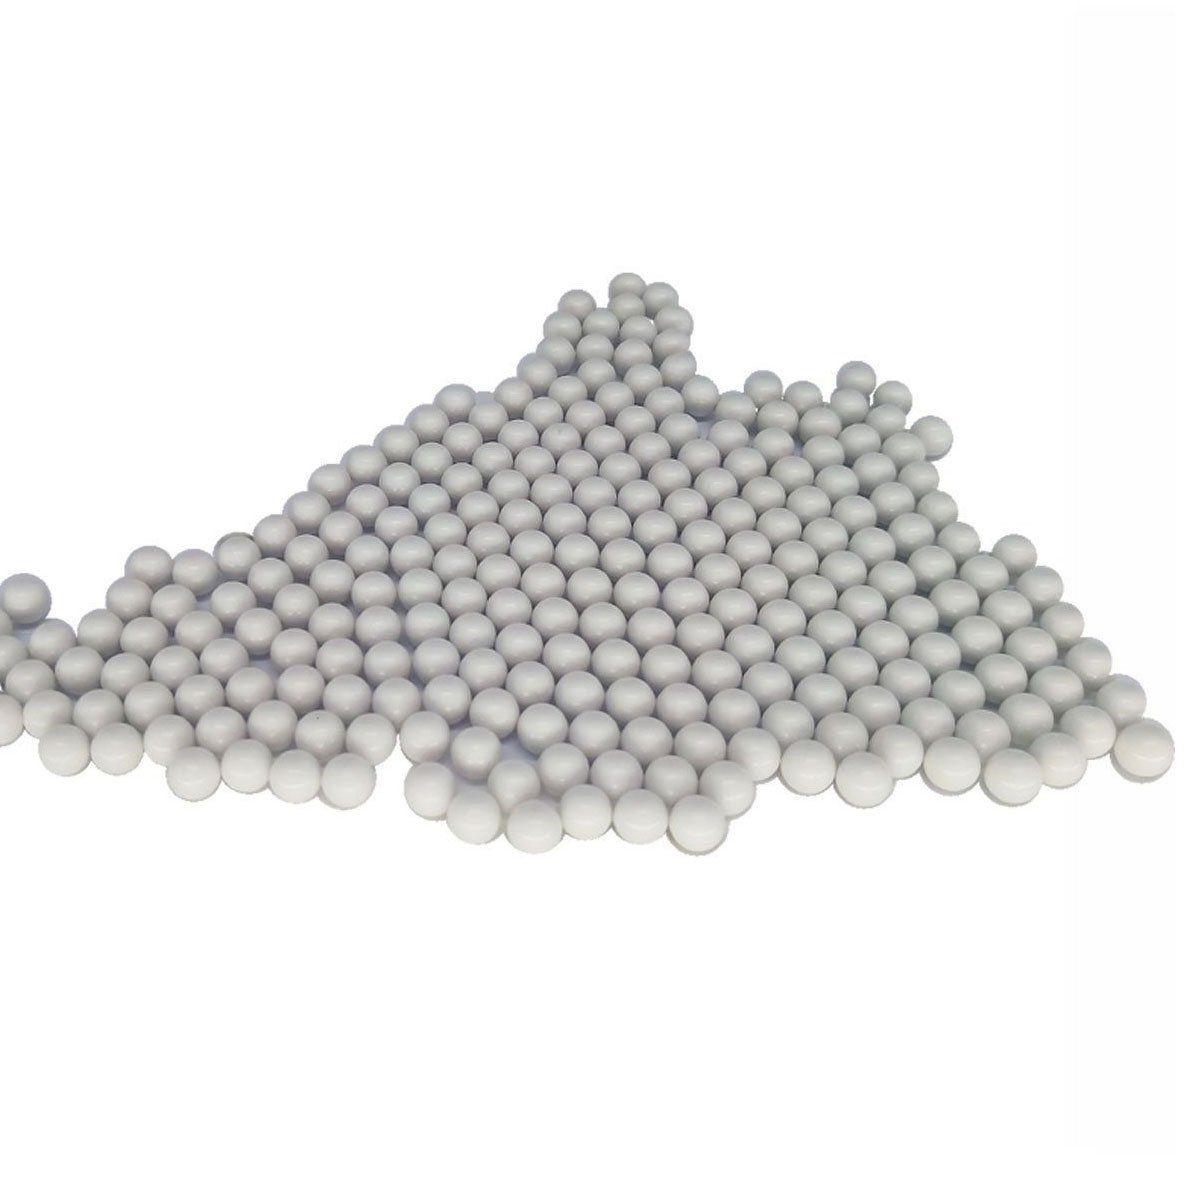 Esferas Plásticas BBs Bioval 6mm 0,20g 5000un